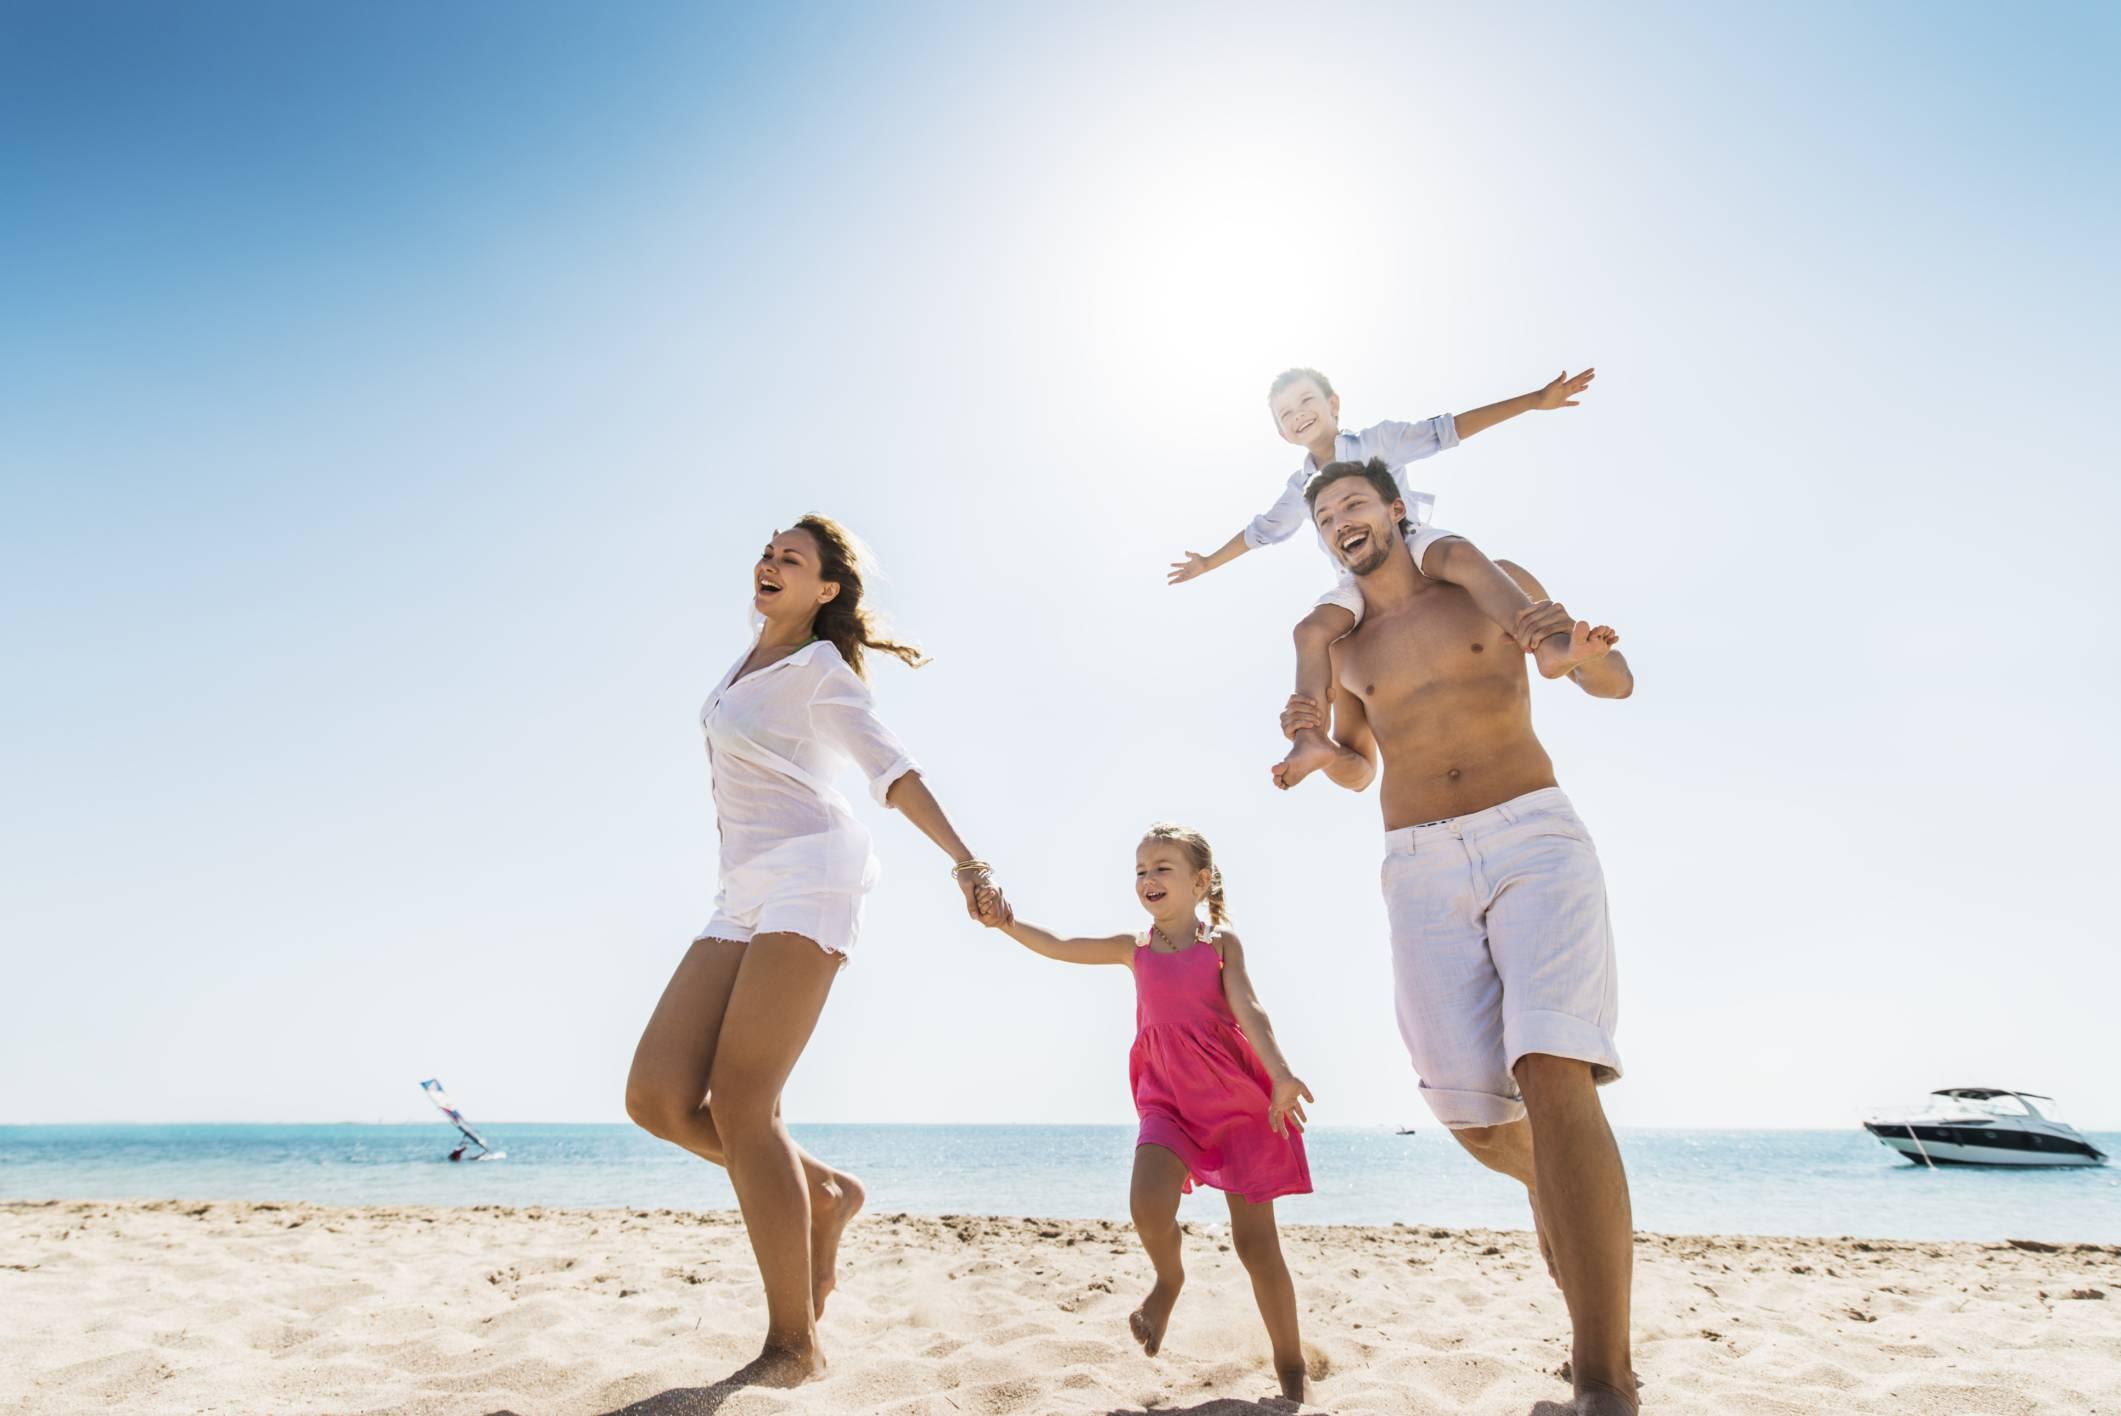 spiaggia famiglia ThinkstockPhotos 521669461